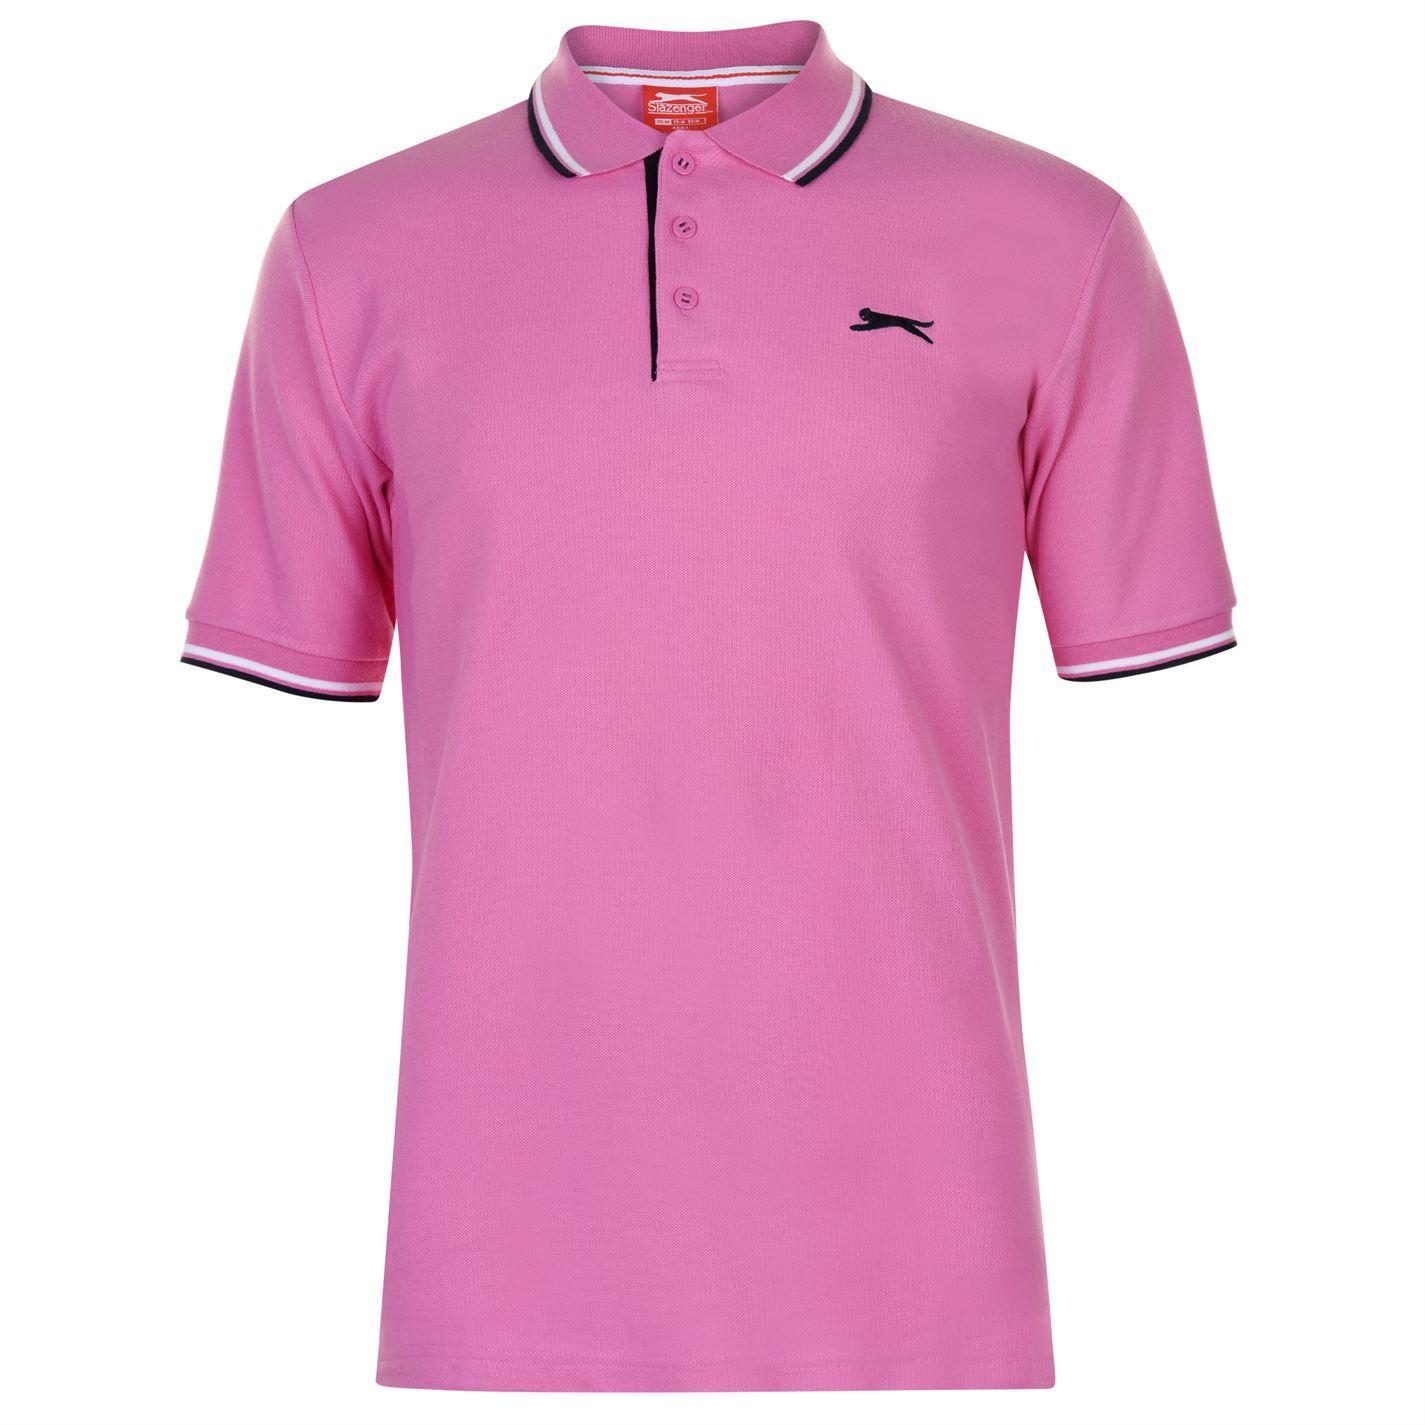 Slazenger-Polo-Camisa-de-hombre-con-cuello-con-Punta-T-Shirt-Top-Camiseta-Tee miniatura 22